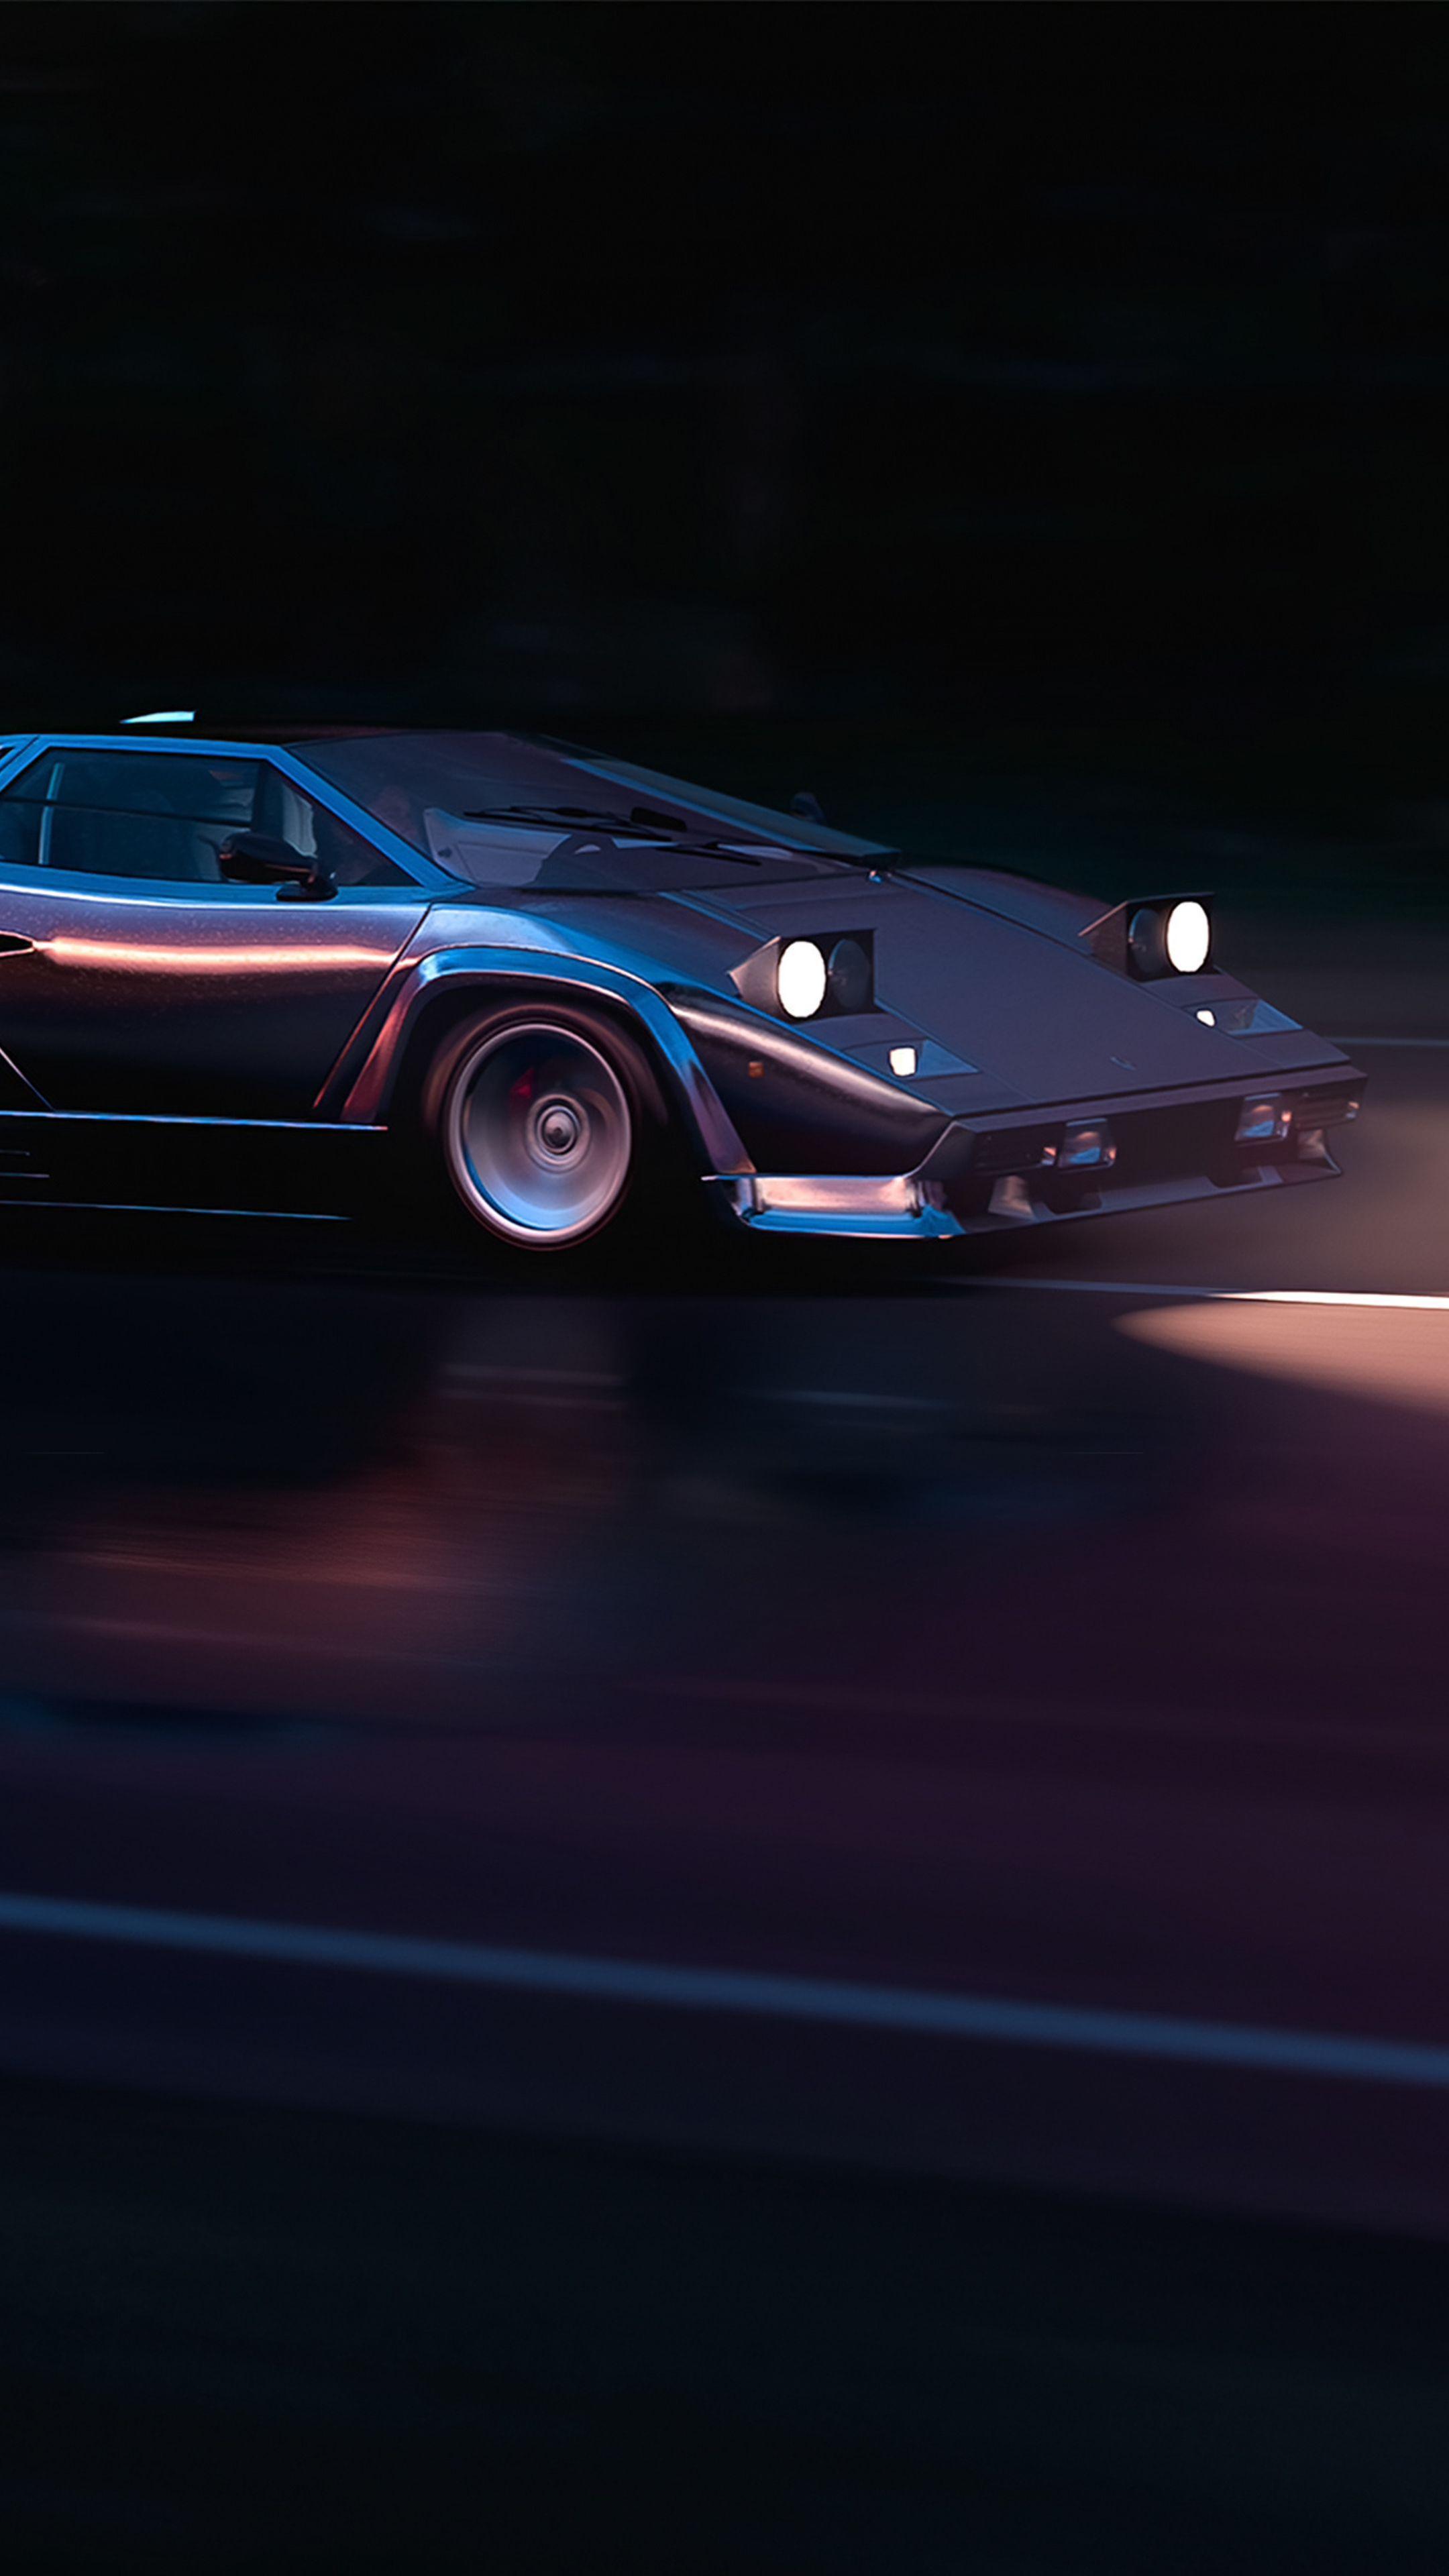 Running In 80s Lamborghini Countach 4k In 2160x3840 Resolution Lamborghini Countach Lamborghini Lamborghini Cars